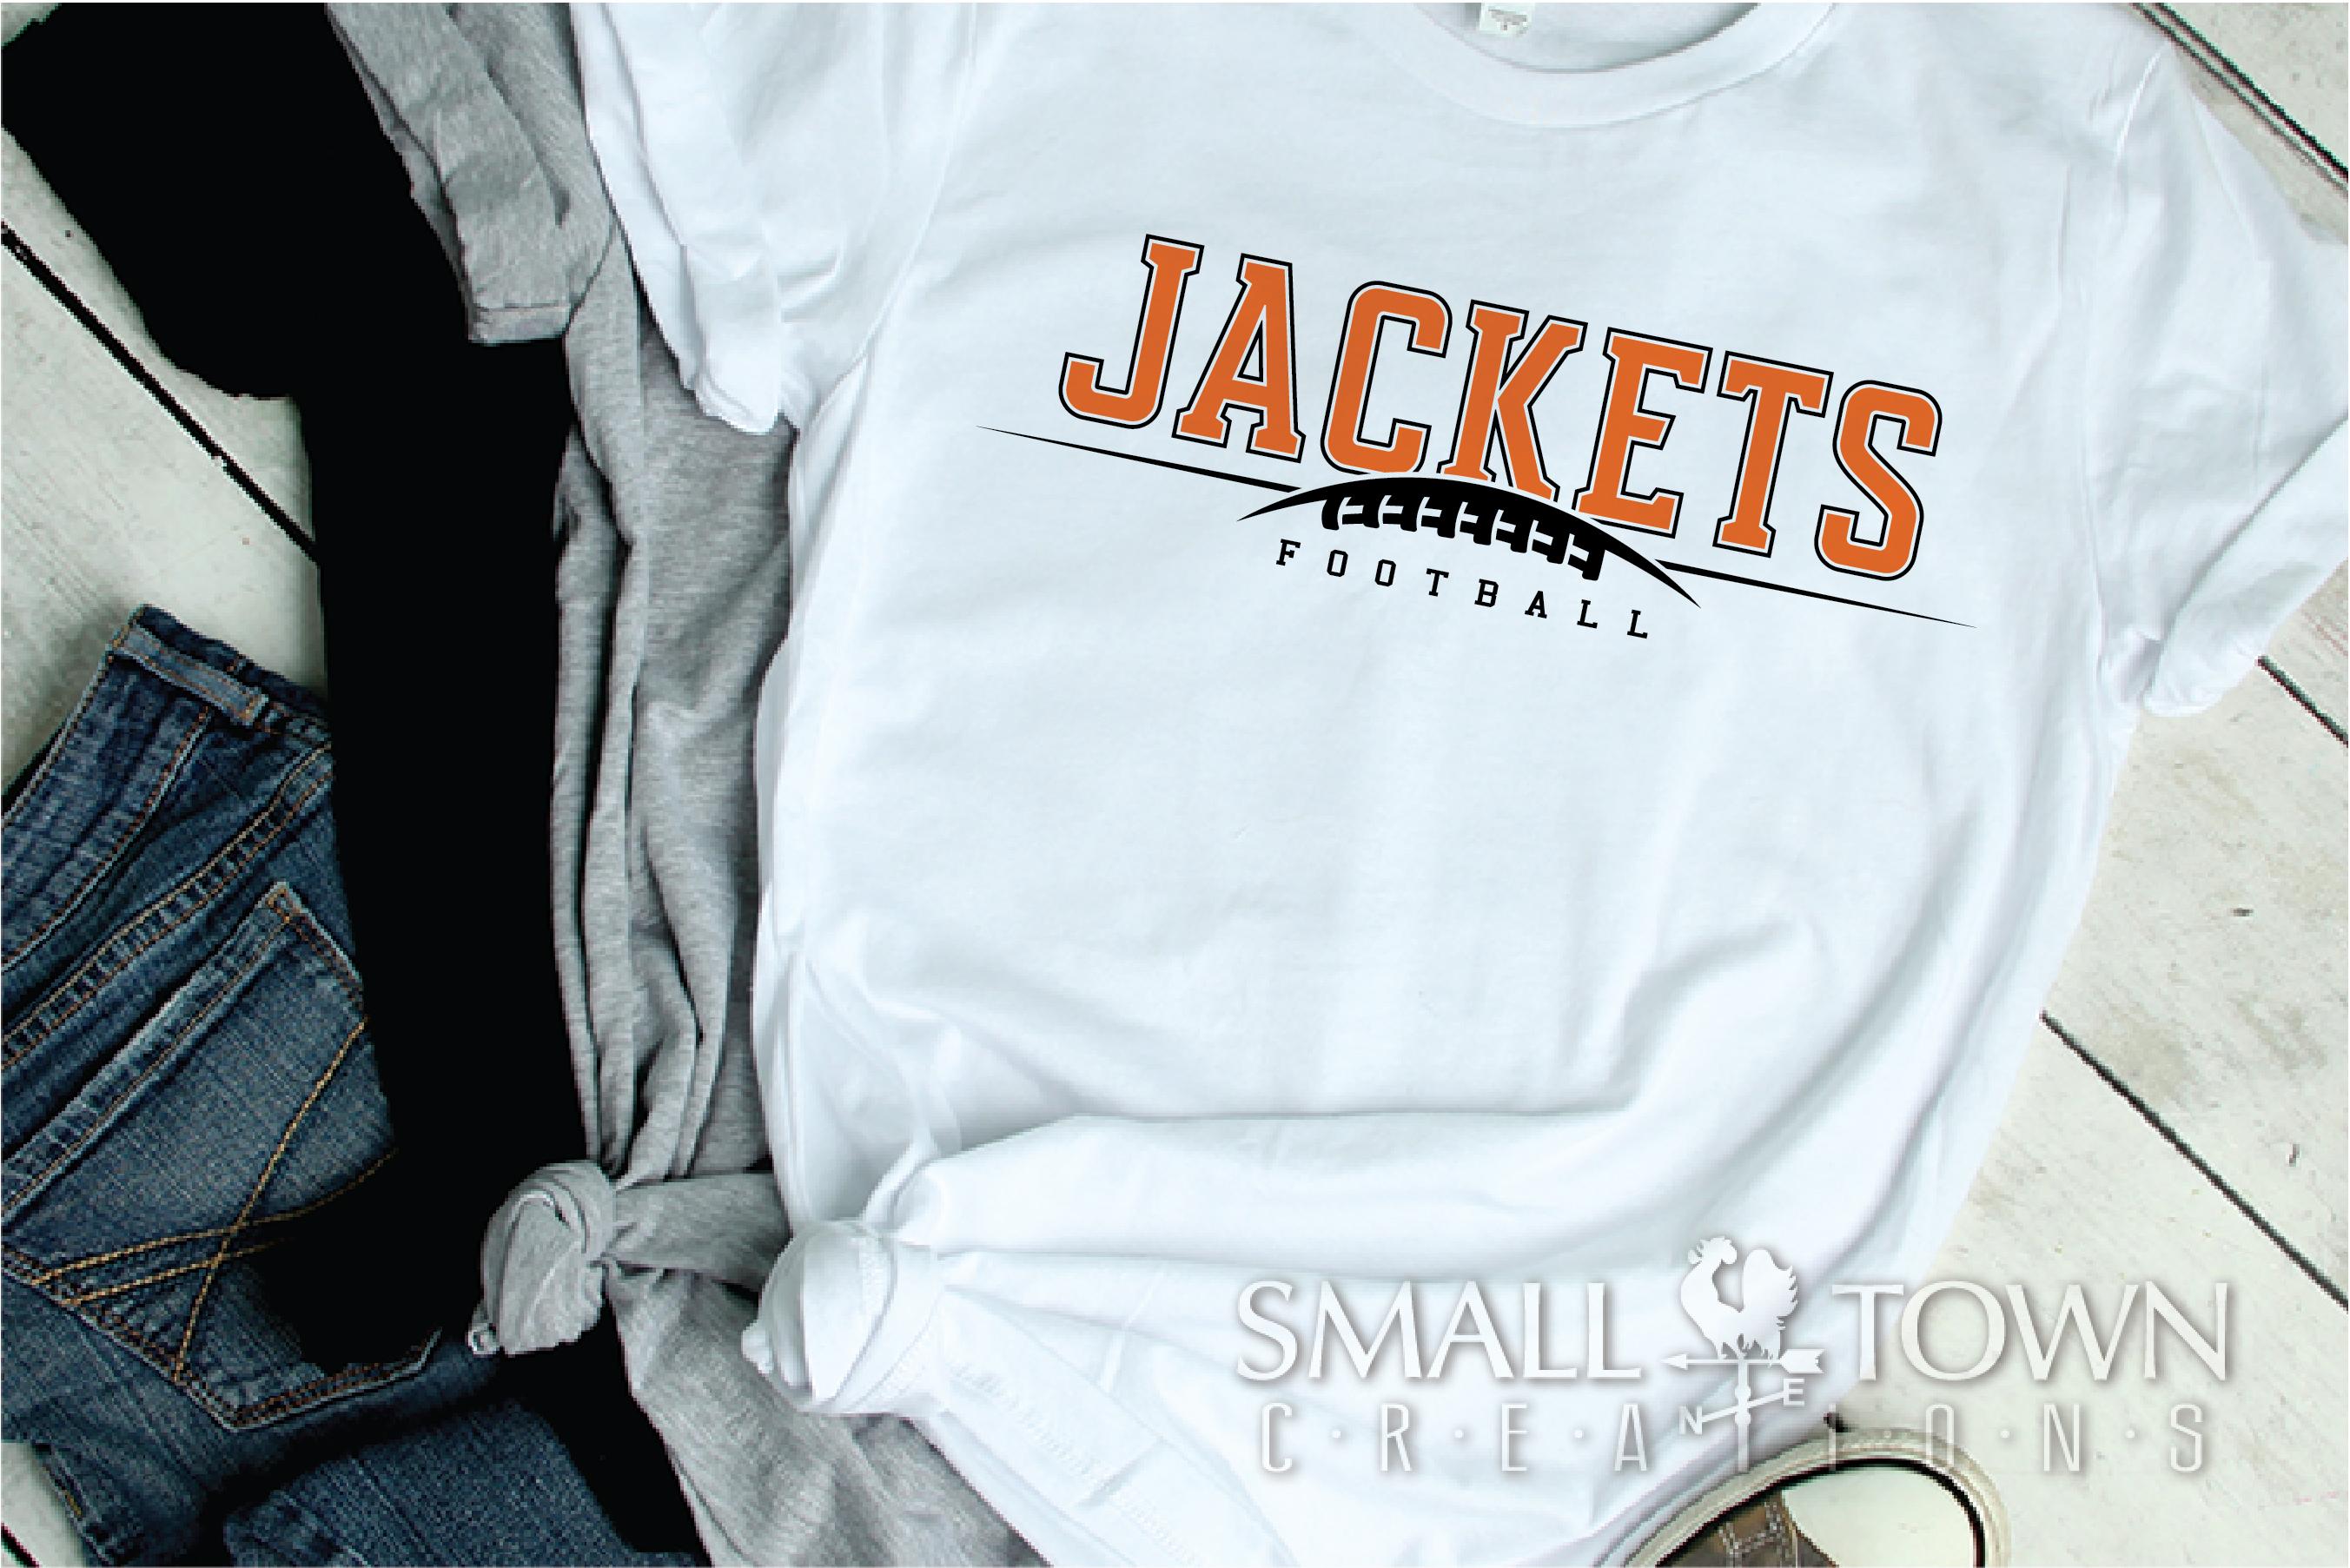 Jacket Football, Football Team, Sport, PRINT, CUT & DESIGN example image 2